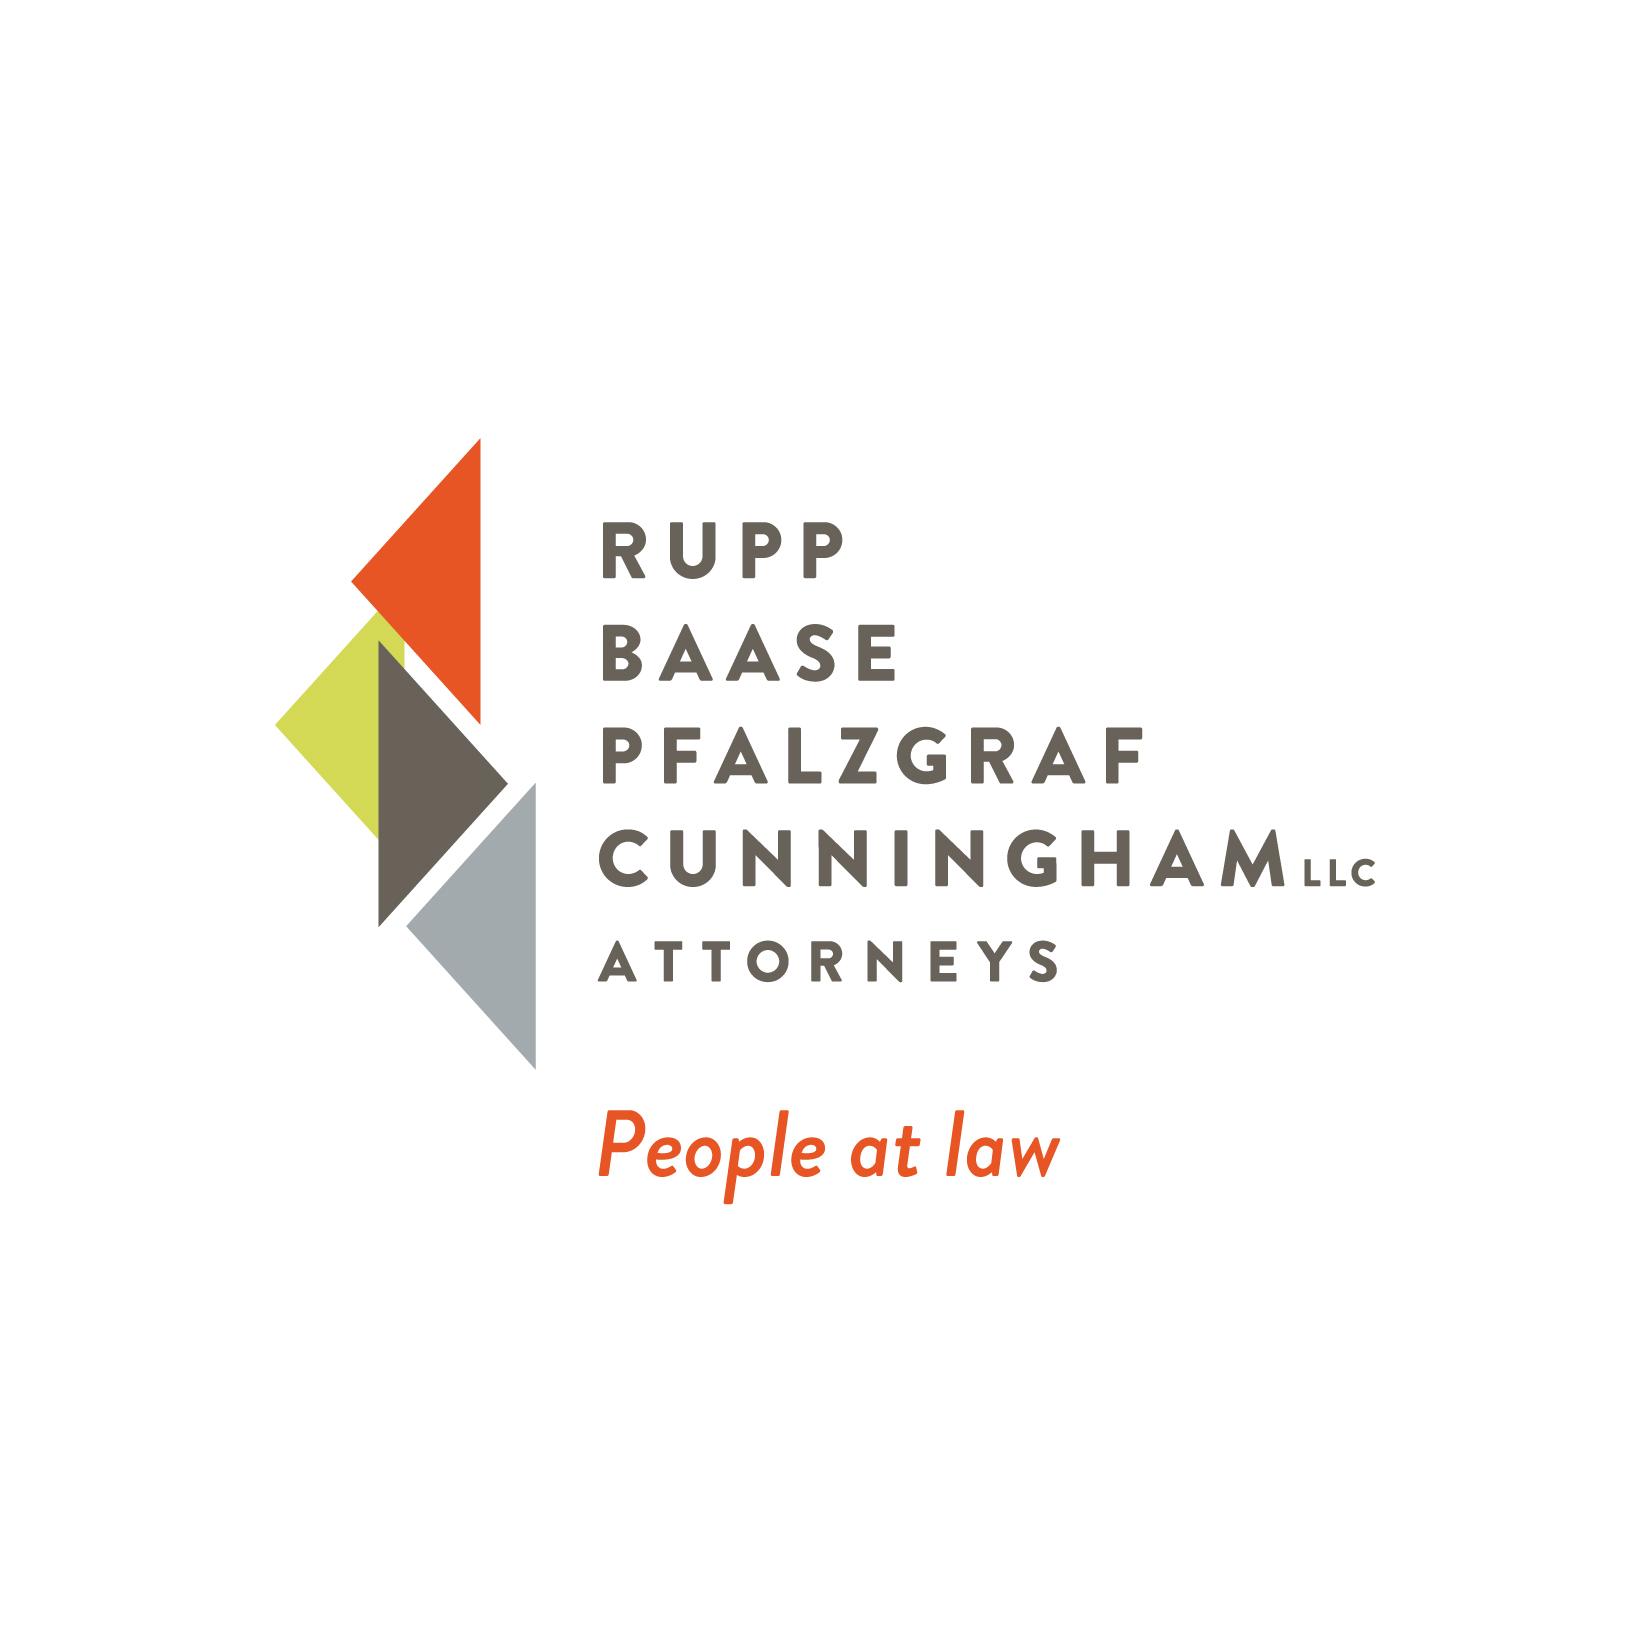 Rupp Baase Pfalzgraf Cunningham LLC Company Logo